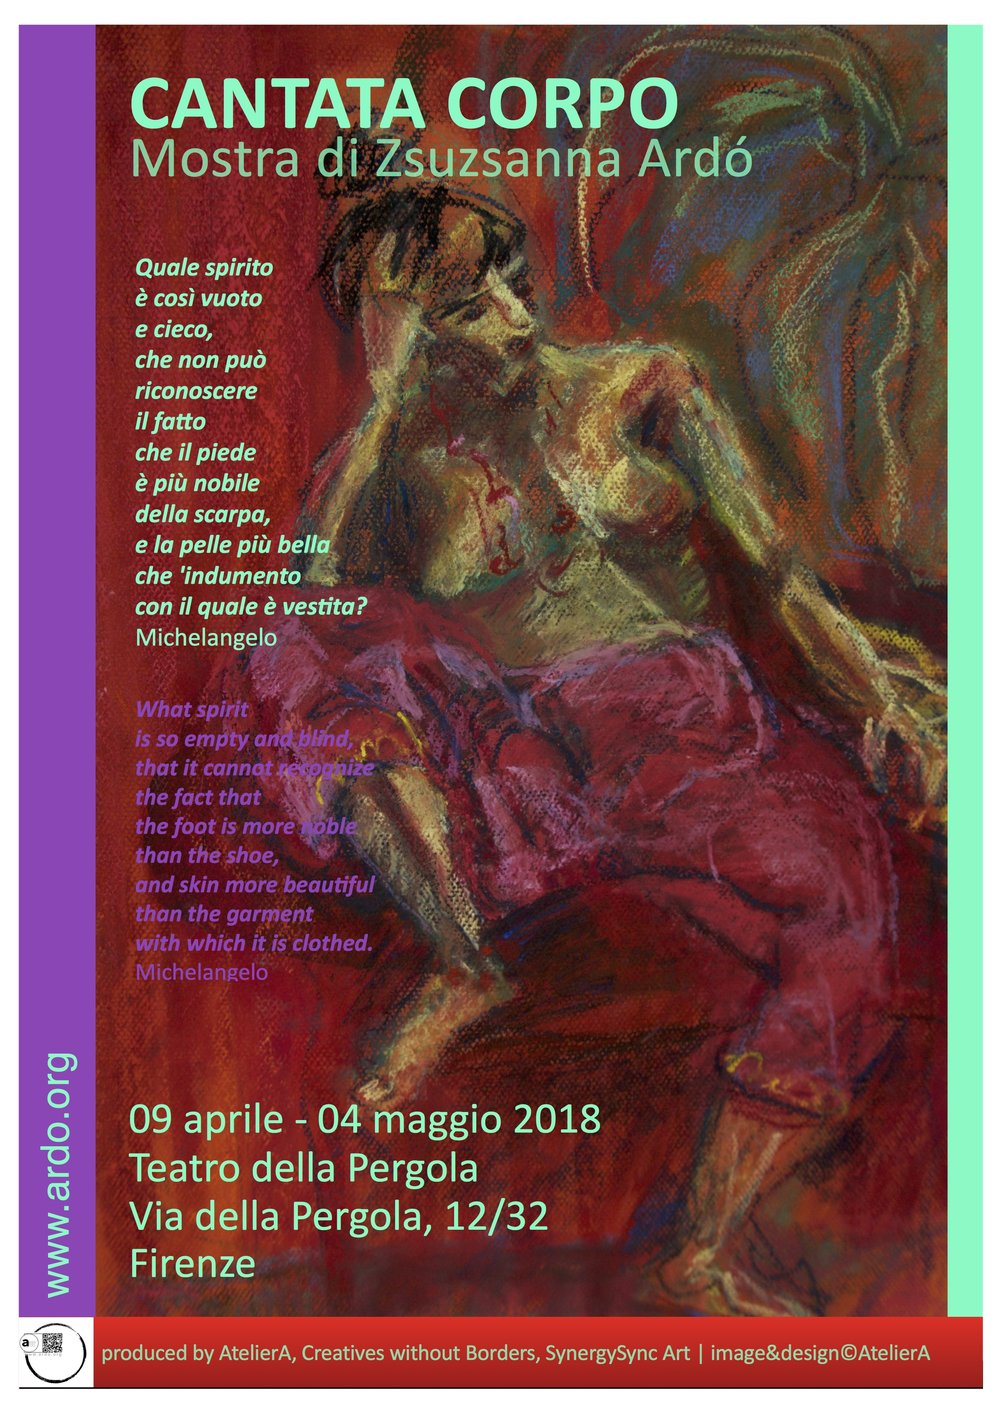 18 IT Fi Teatro della Pergola E poster purple©Ardó .jpg